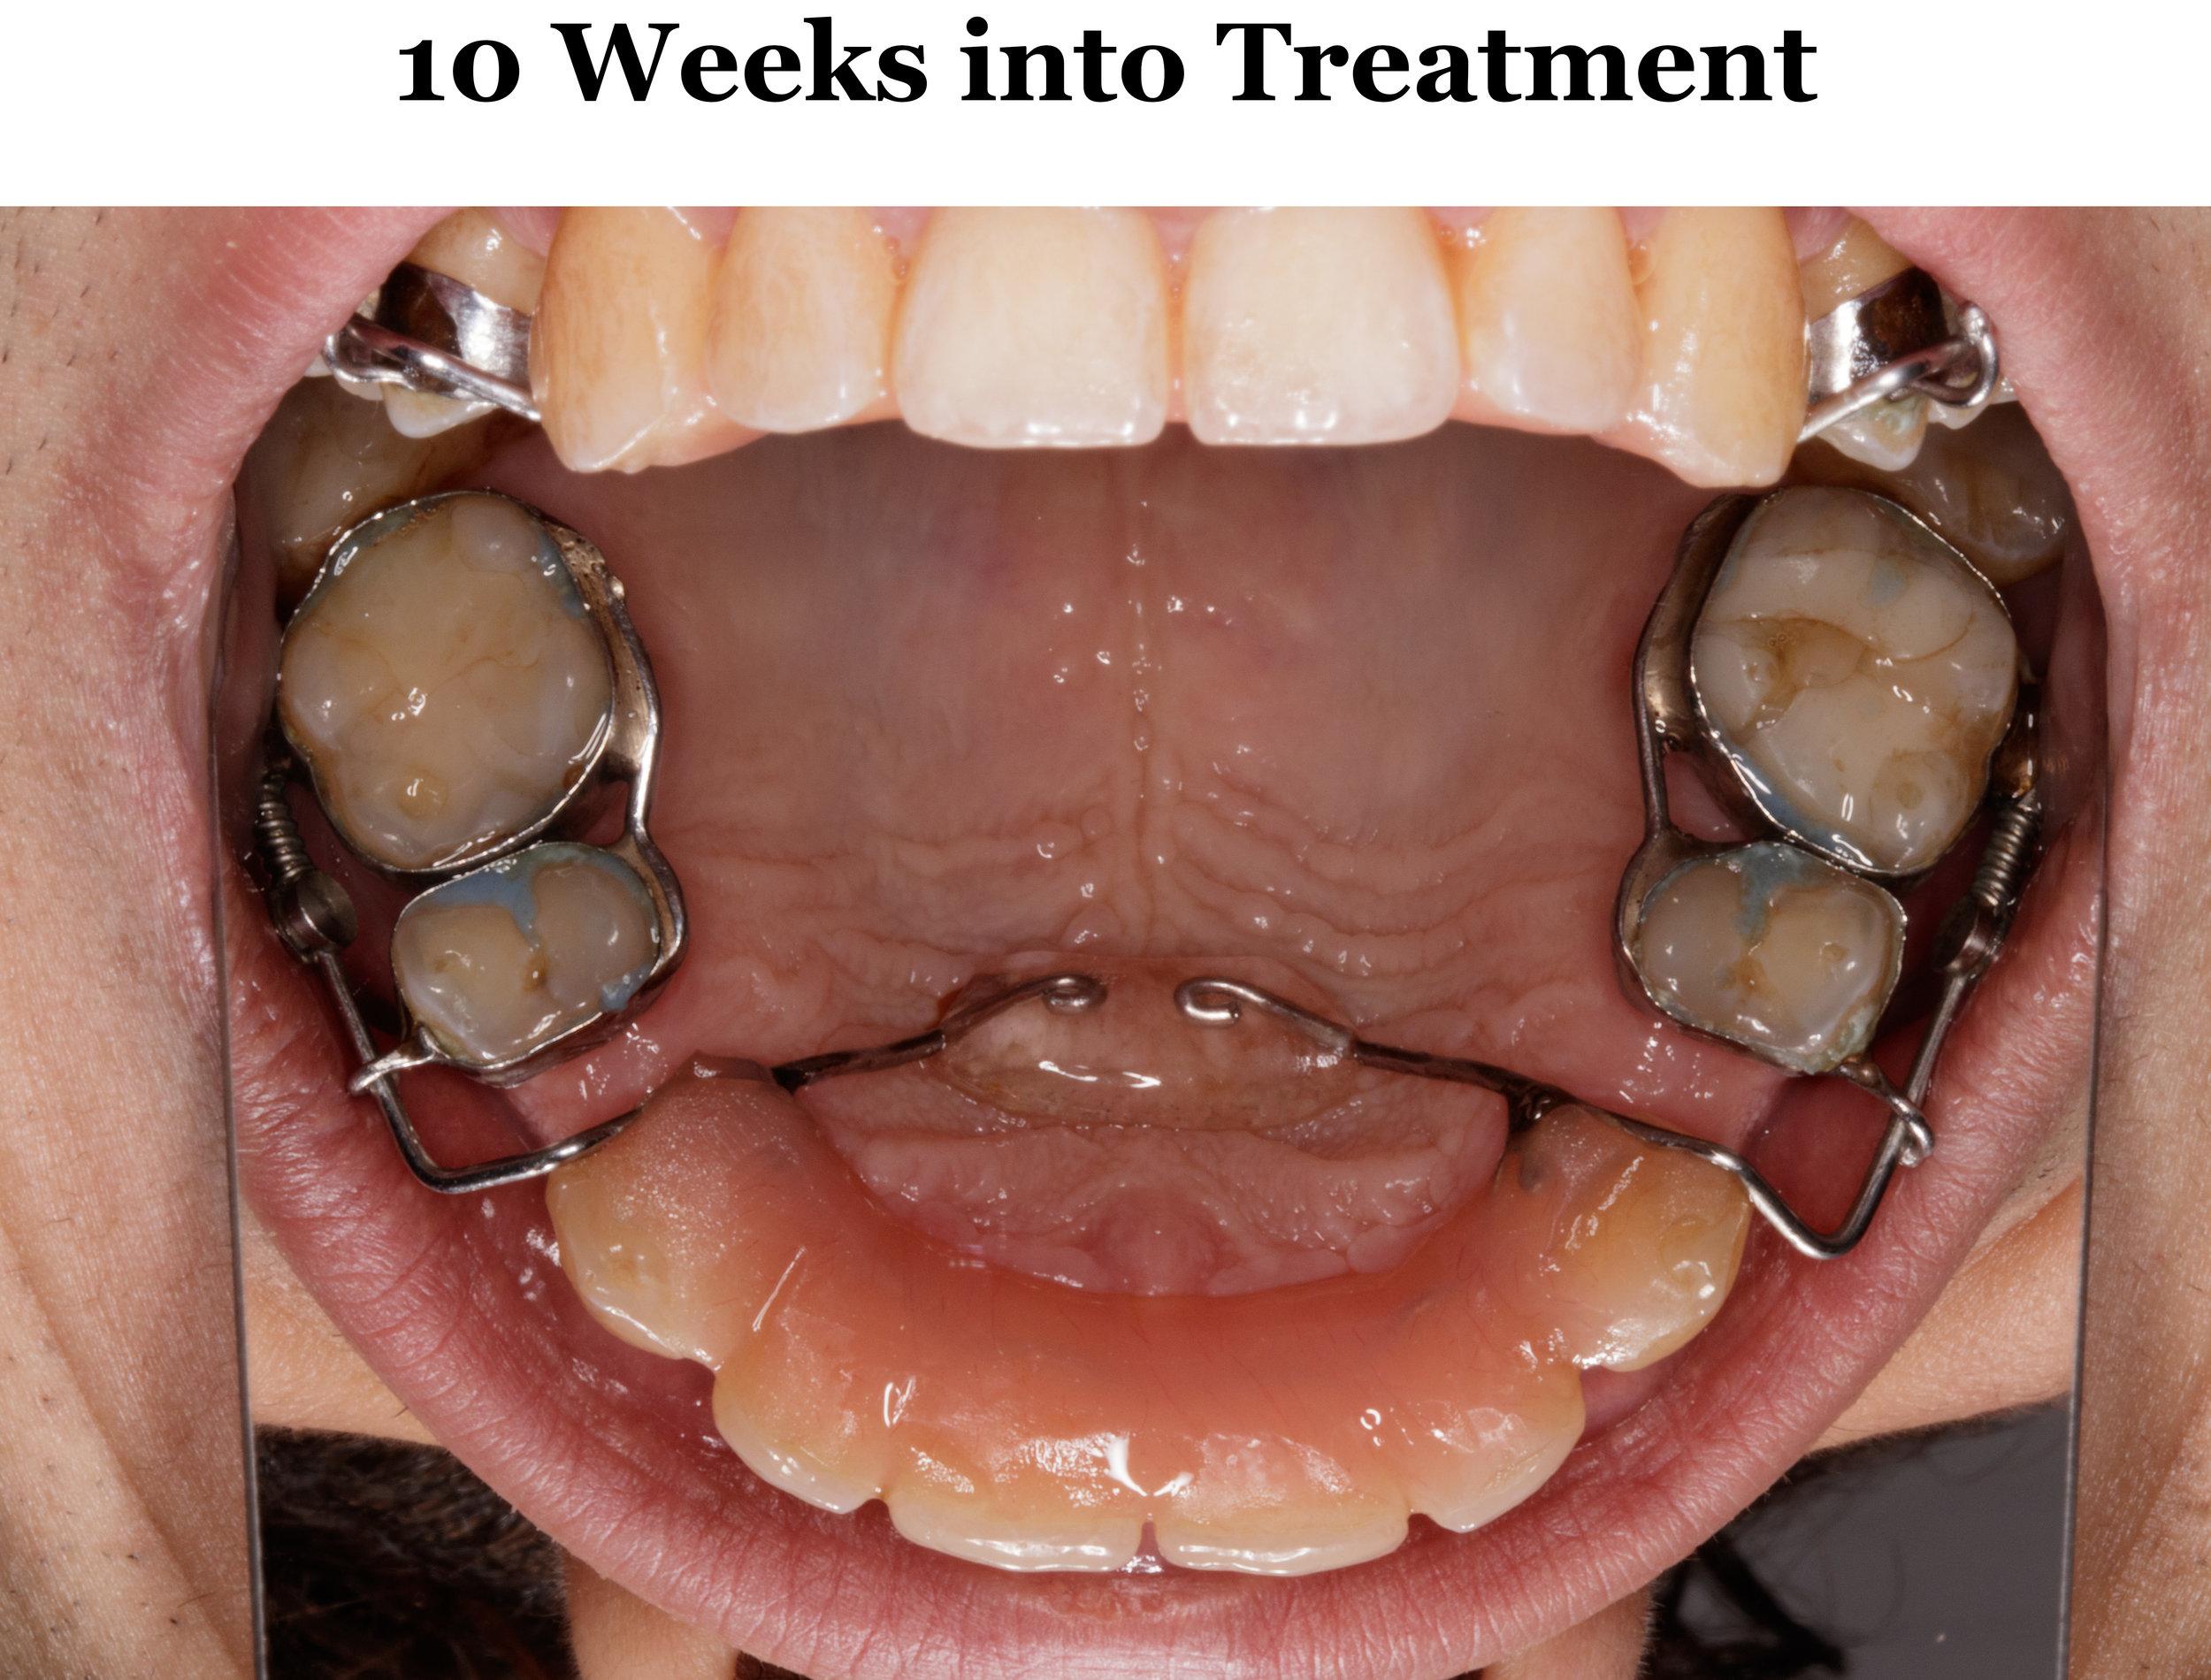 10 Weeks Upper.jpg